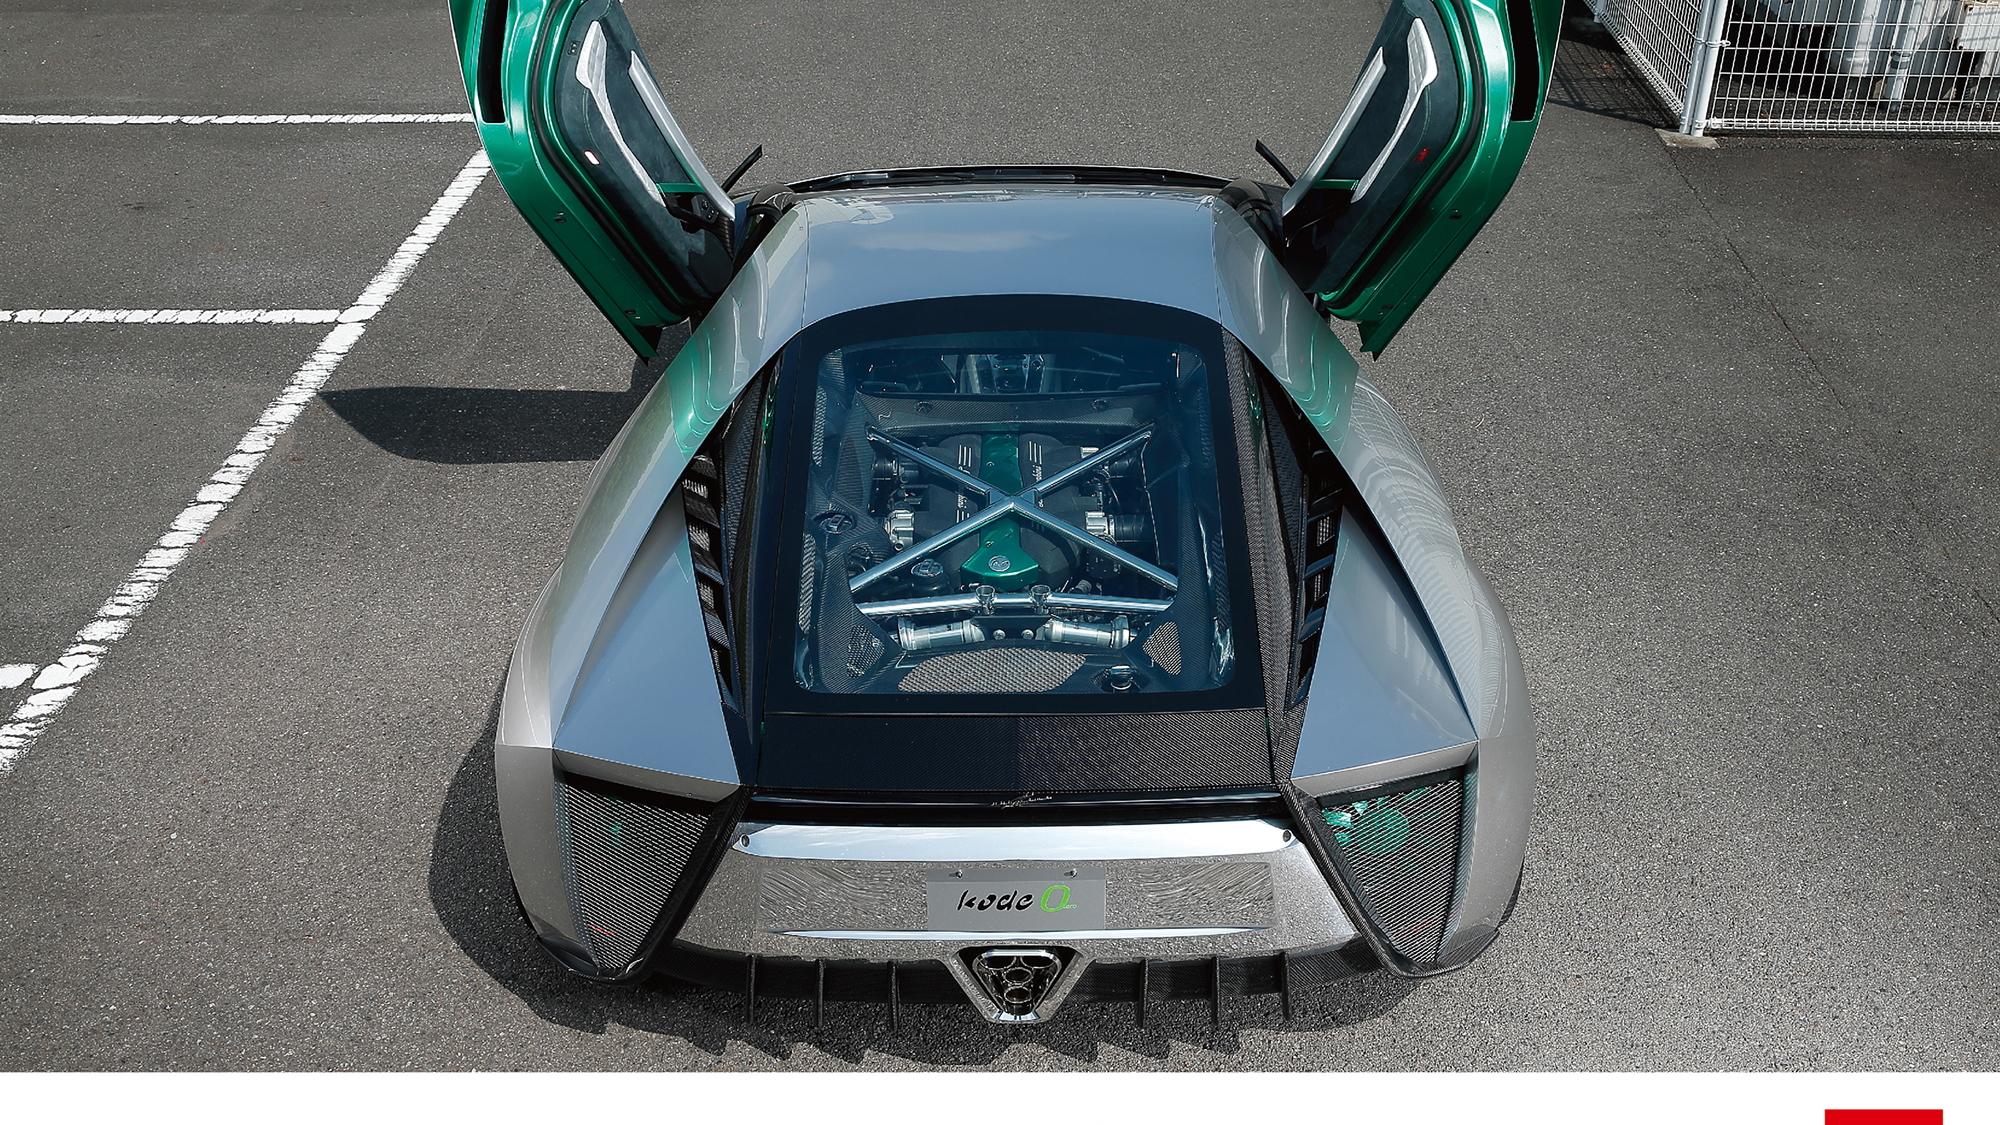 Kode 0 Lamborghini Aventador by Ken Okuyama